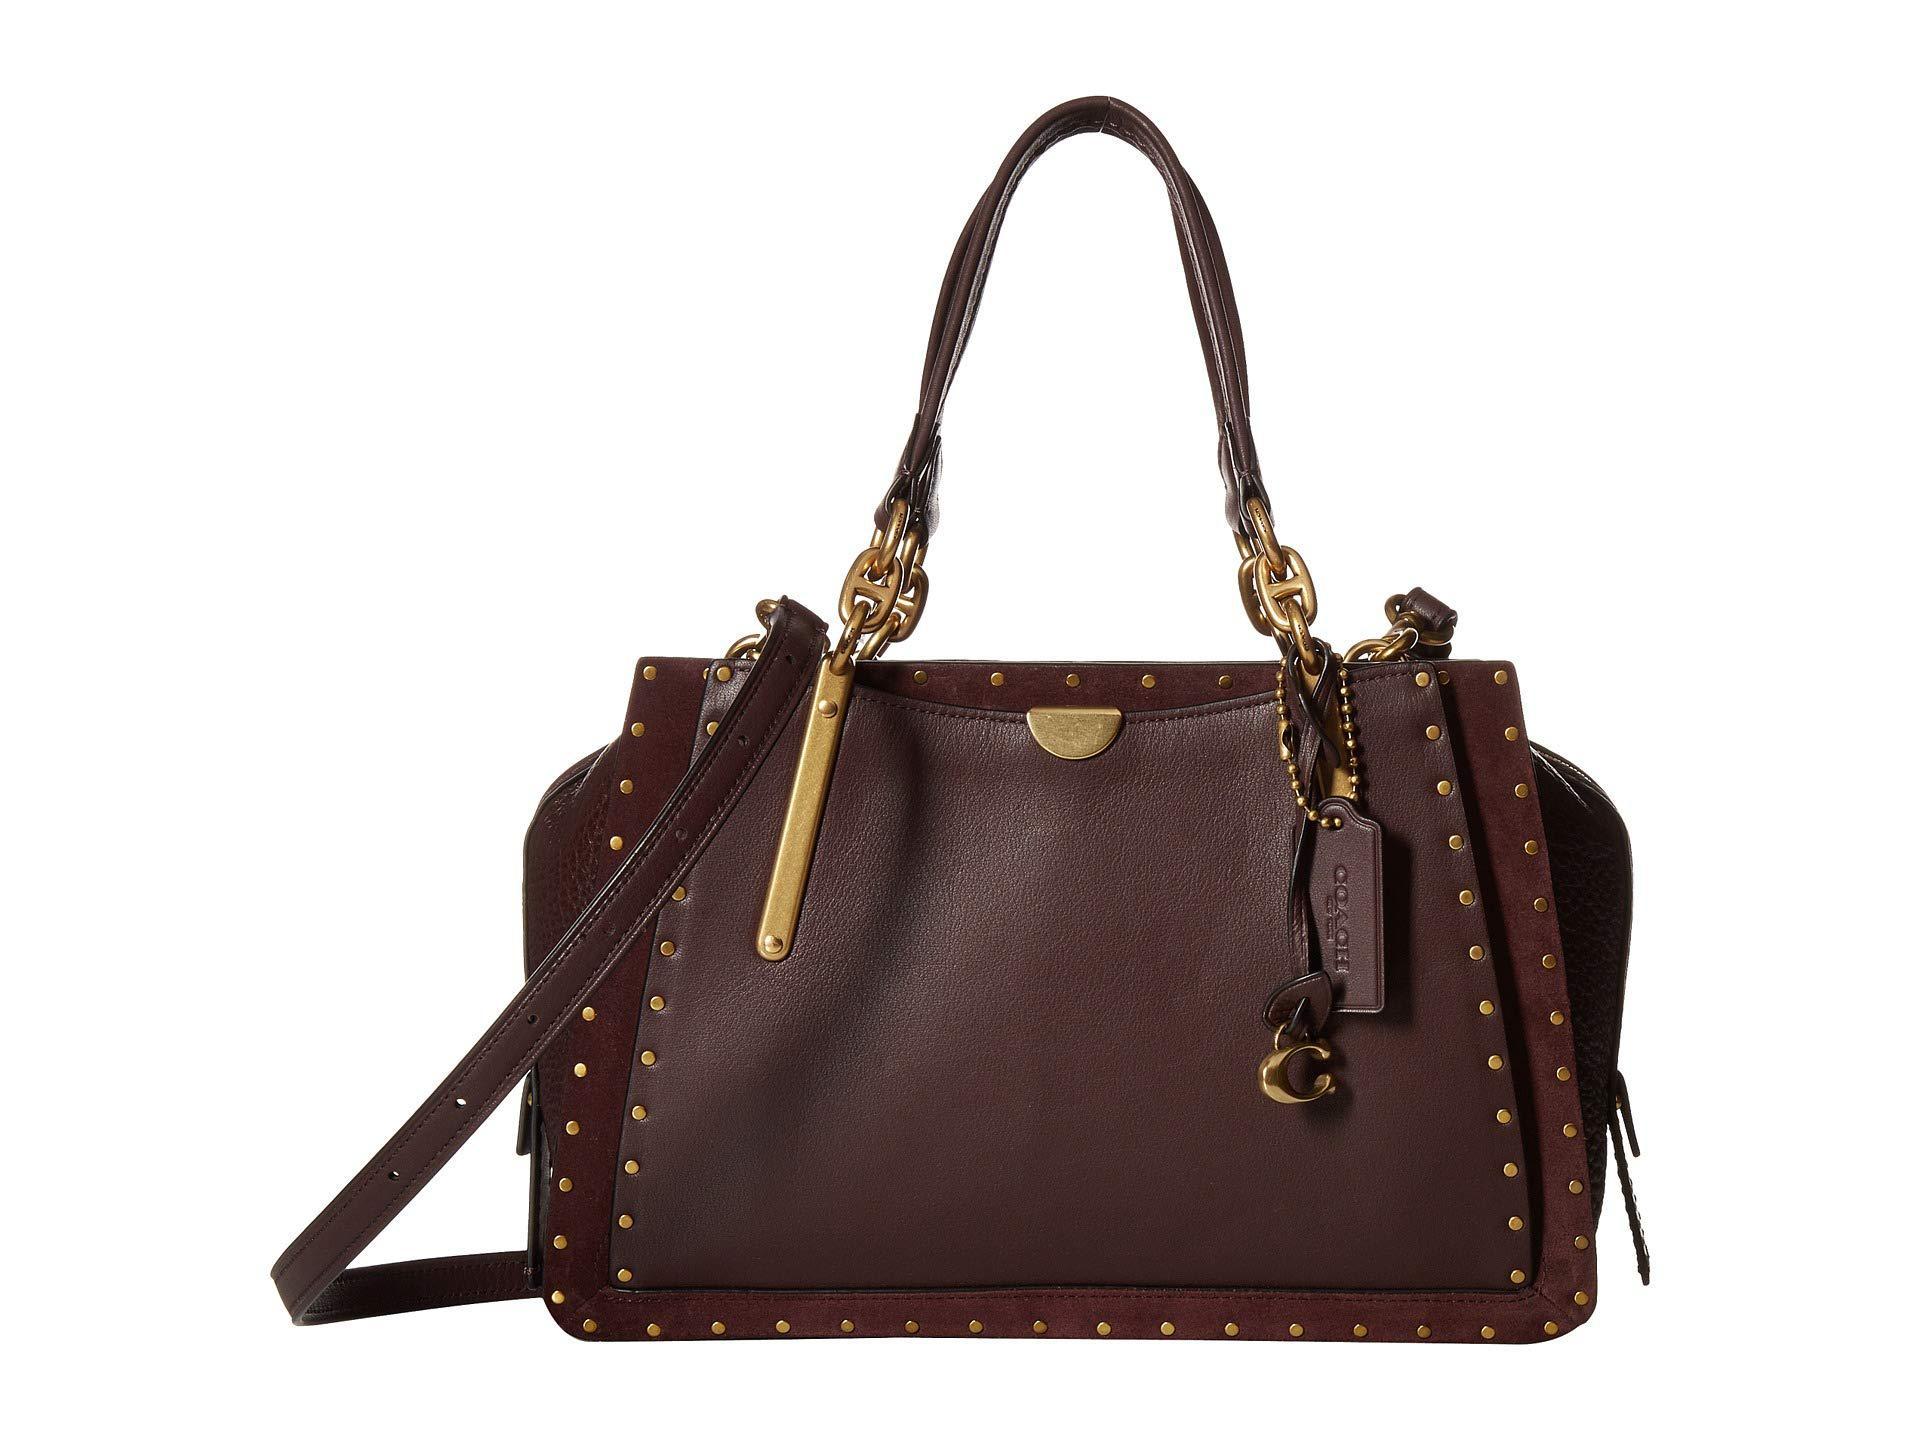 717f7d43dcd0 Lyst - COACH Dreamer In Rivets (b4 oxblood) Handbags